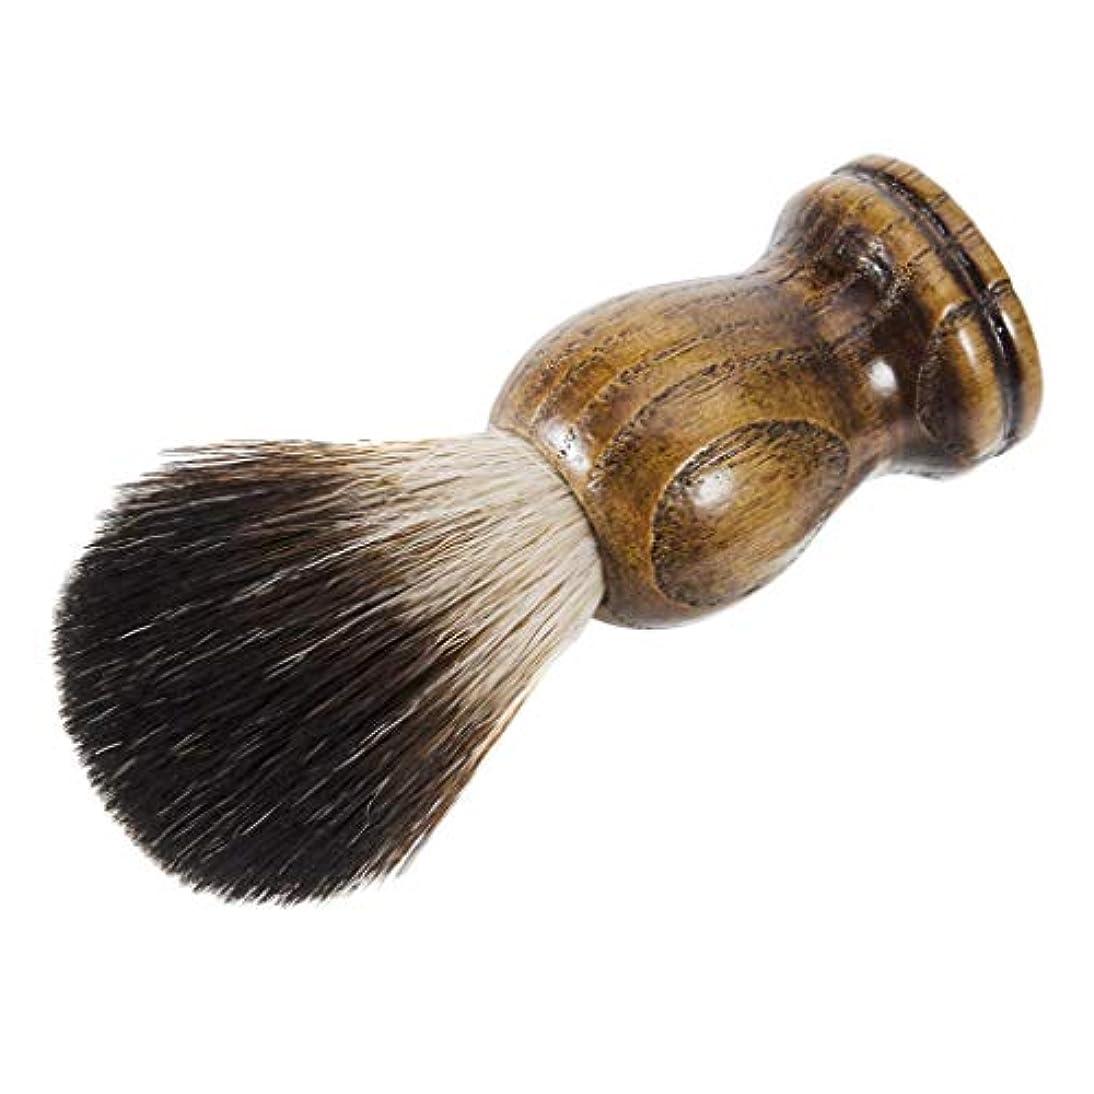 コットンつまずくはがきメンズ ひげブラシ シェービング ブラシ 理容 洗顔 髭剃り 泡立ち 滑り止め